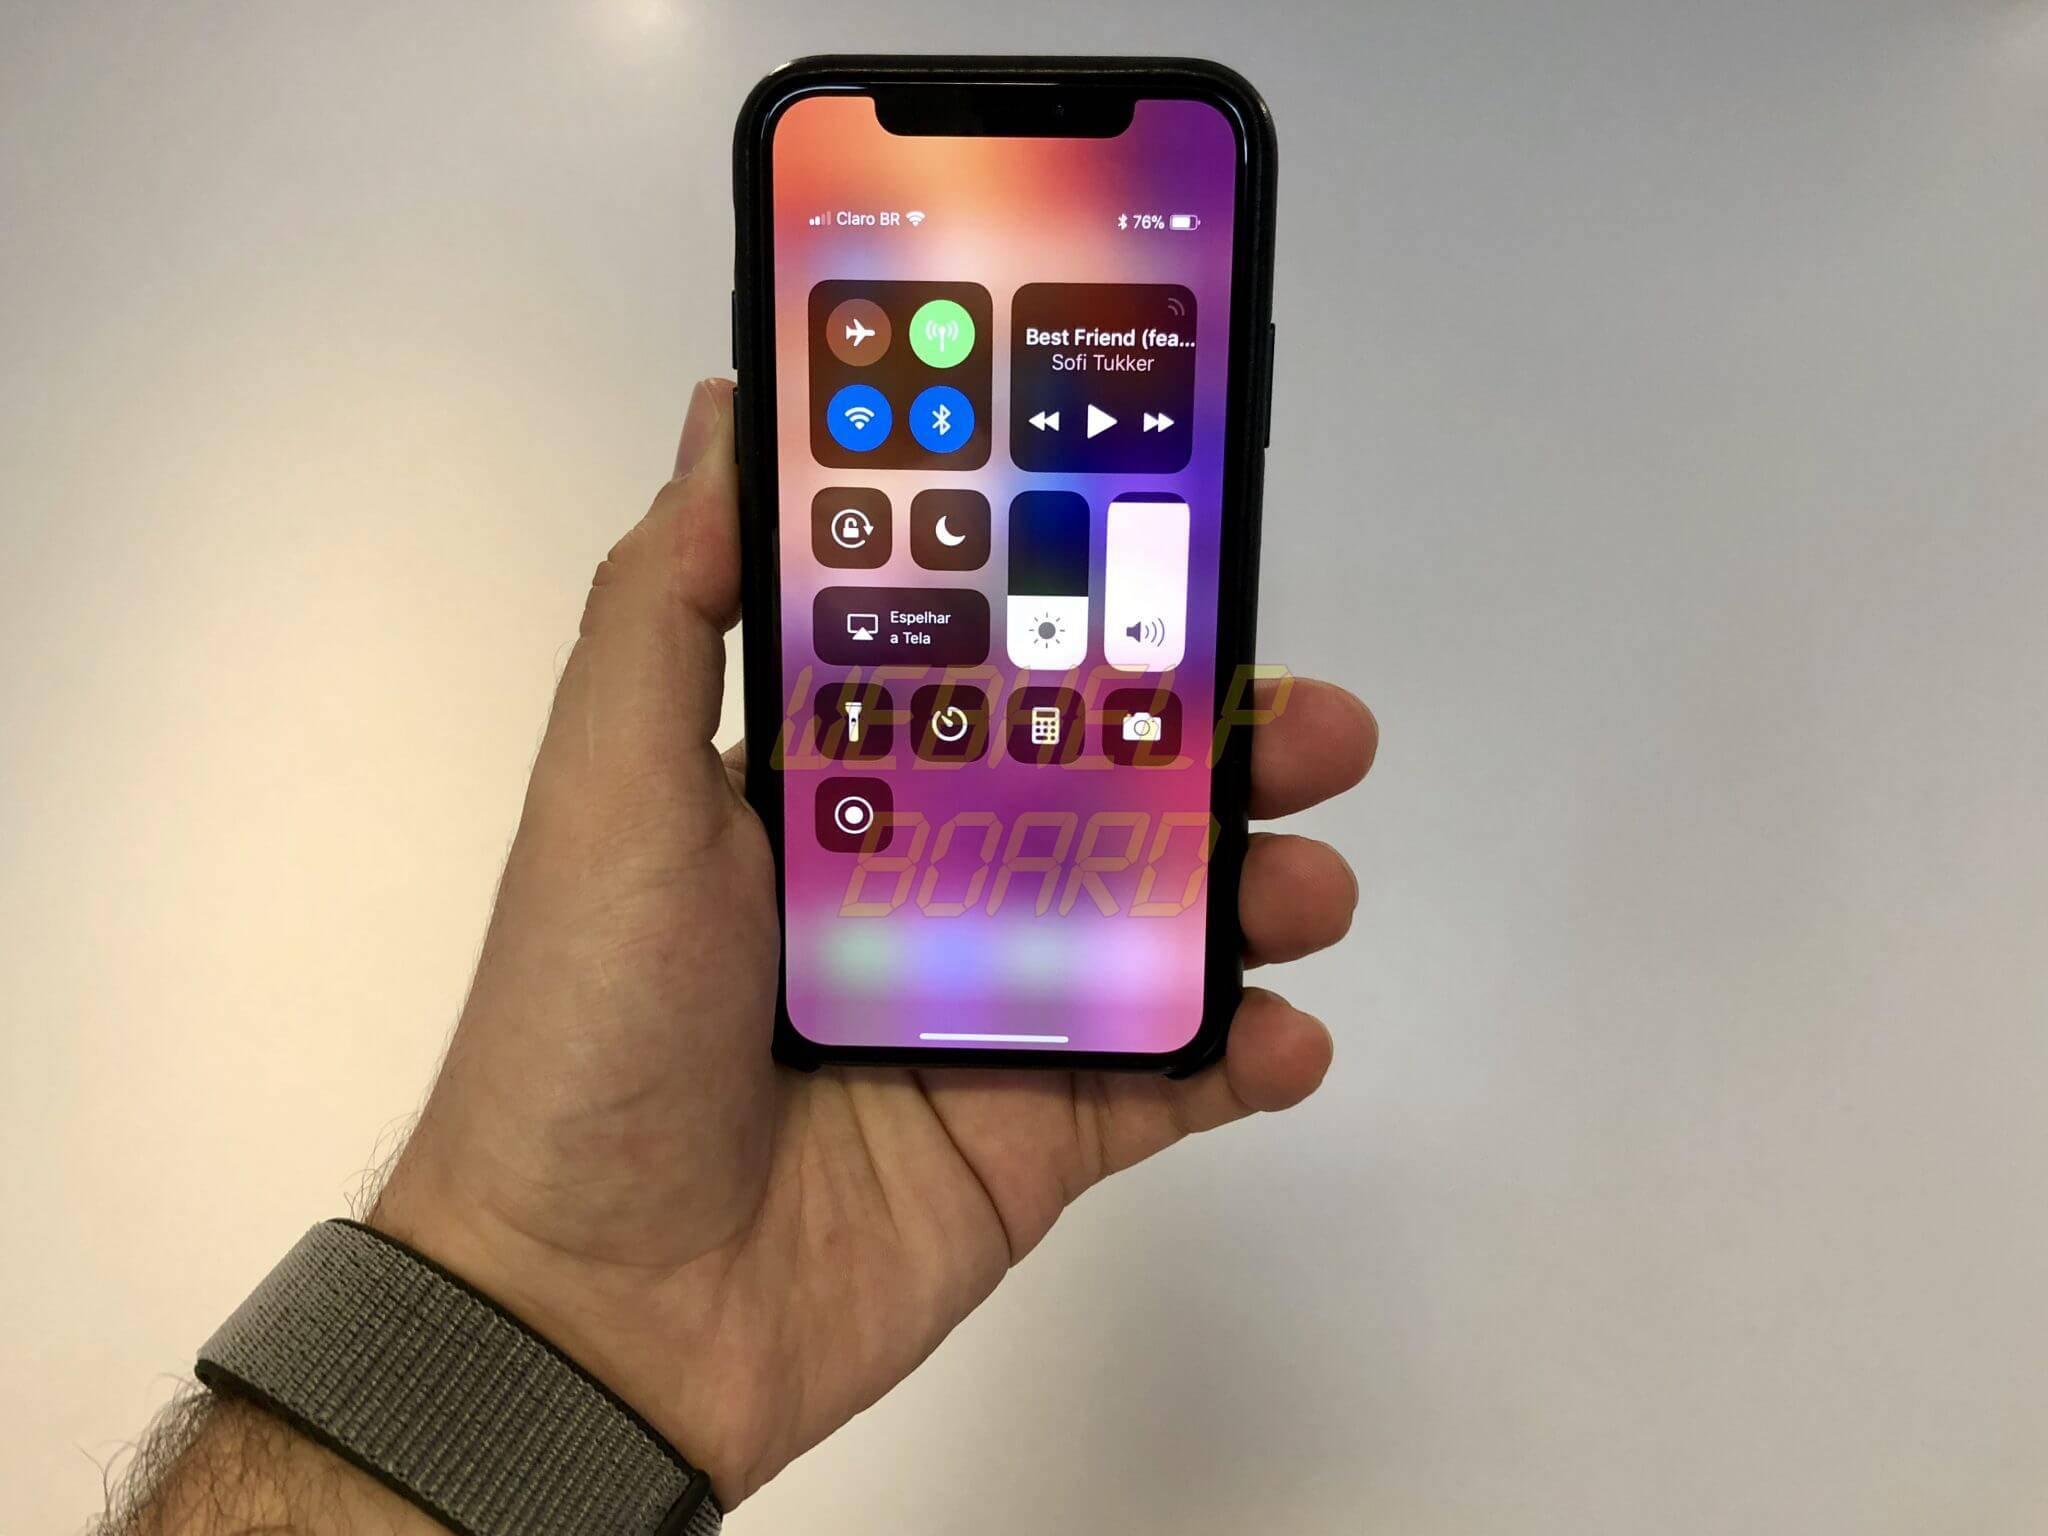 1A30EE2F 16BC 4EA5 8F44 DBAD5B62AD15 - Tutorial: Como funcionam os gestos no iPhone X